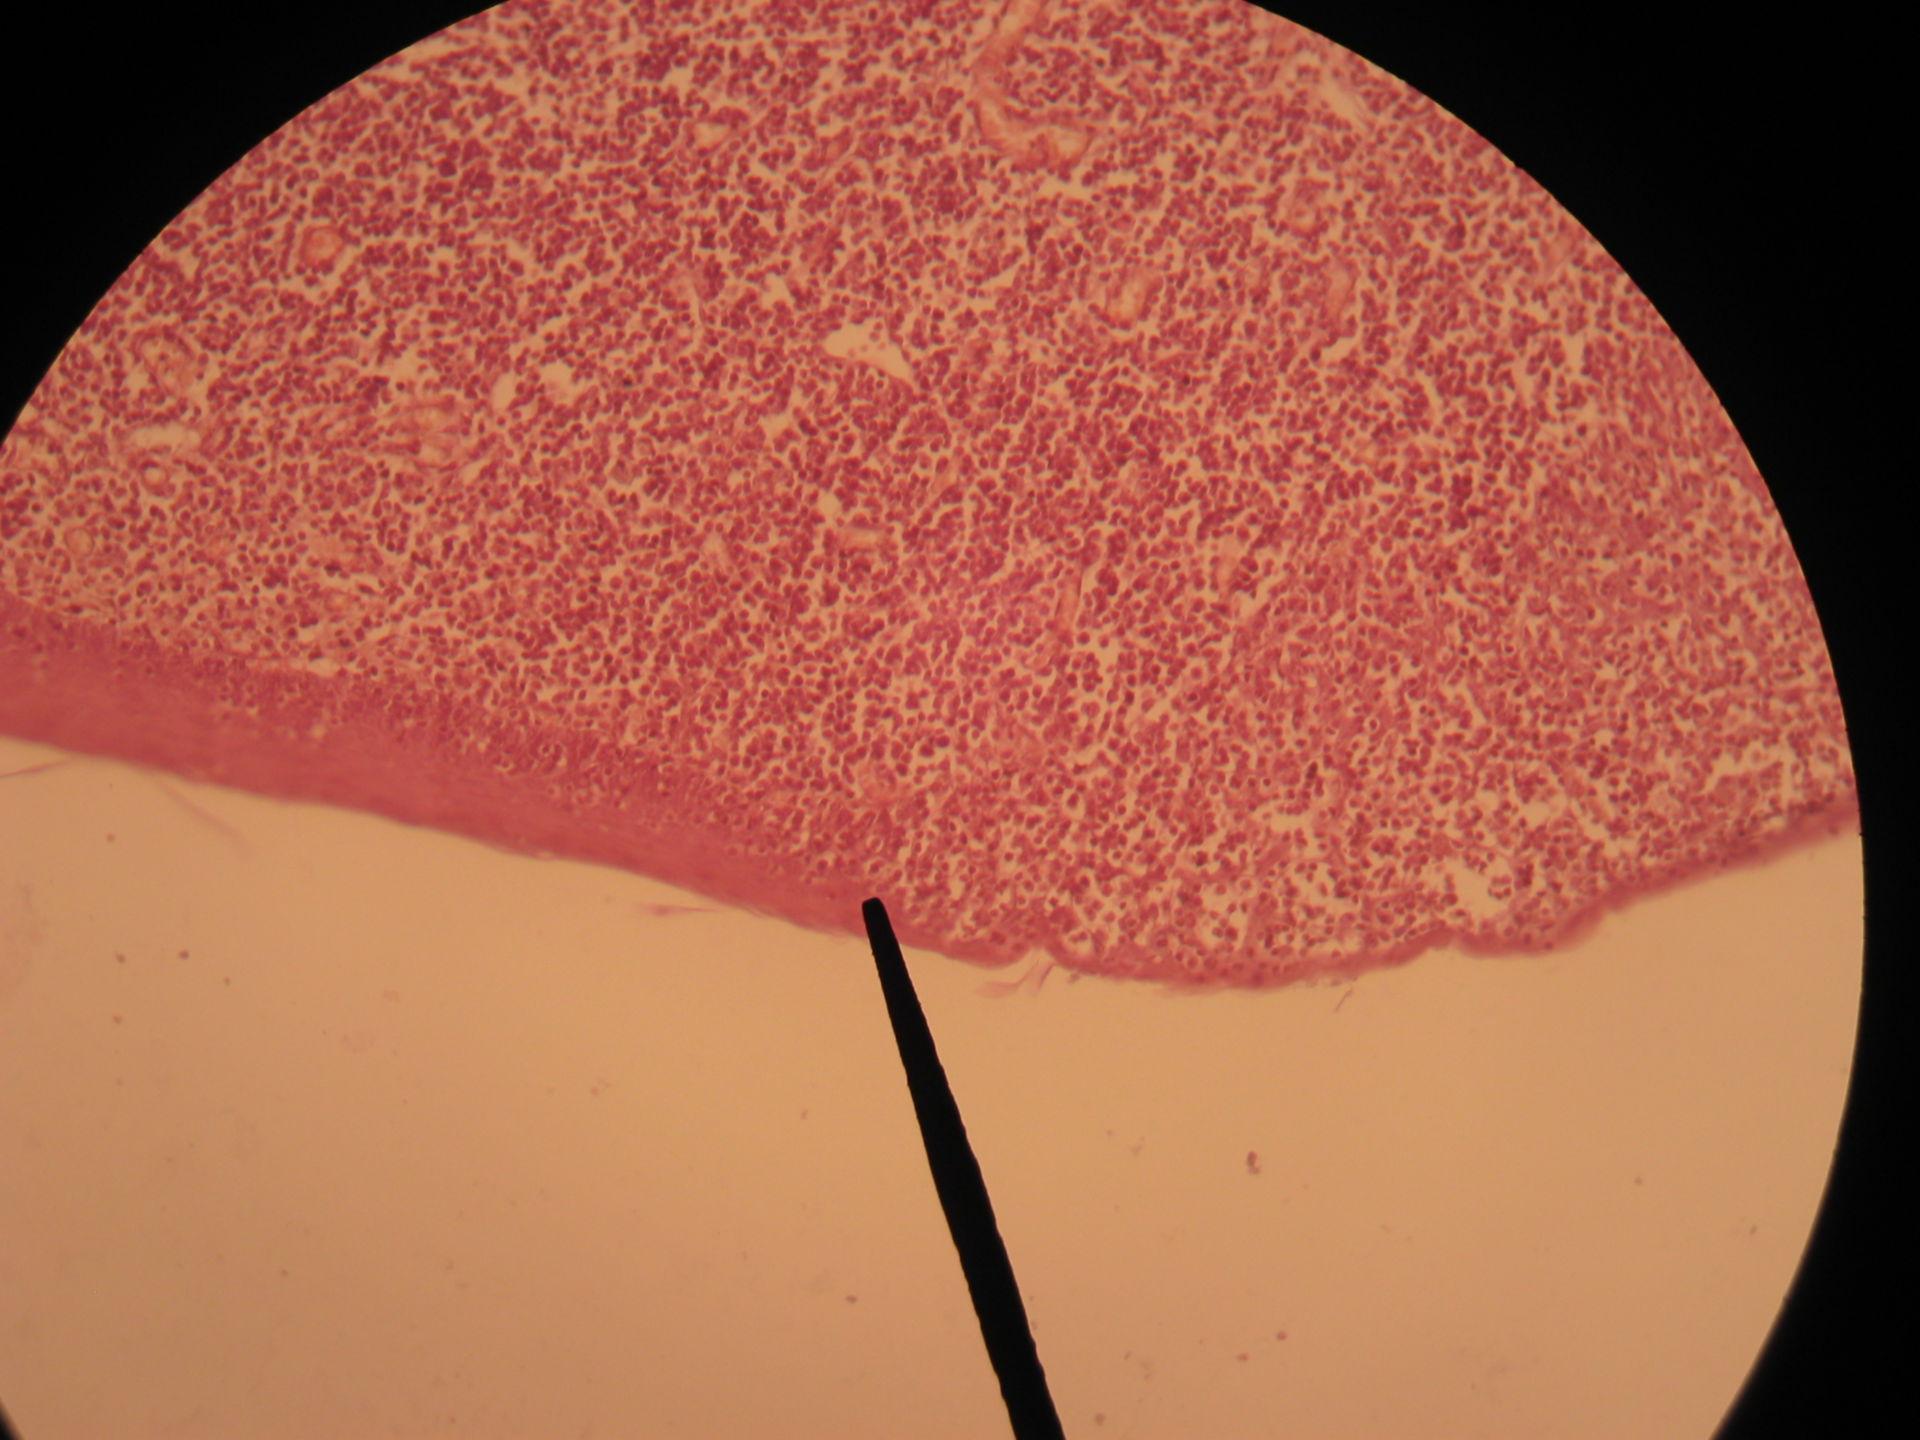 Gaumenmandel des Hundes (2) - modifiziertes Epithel